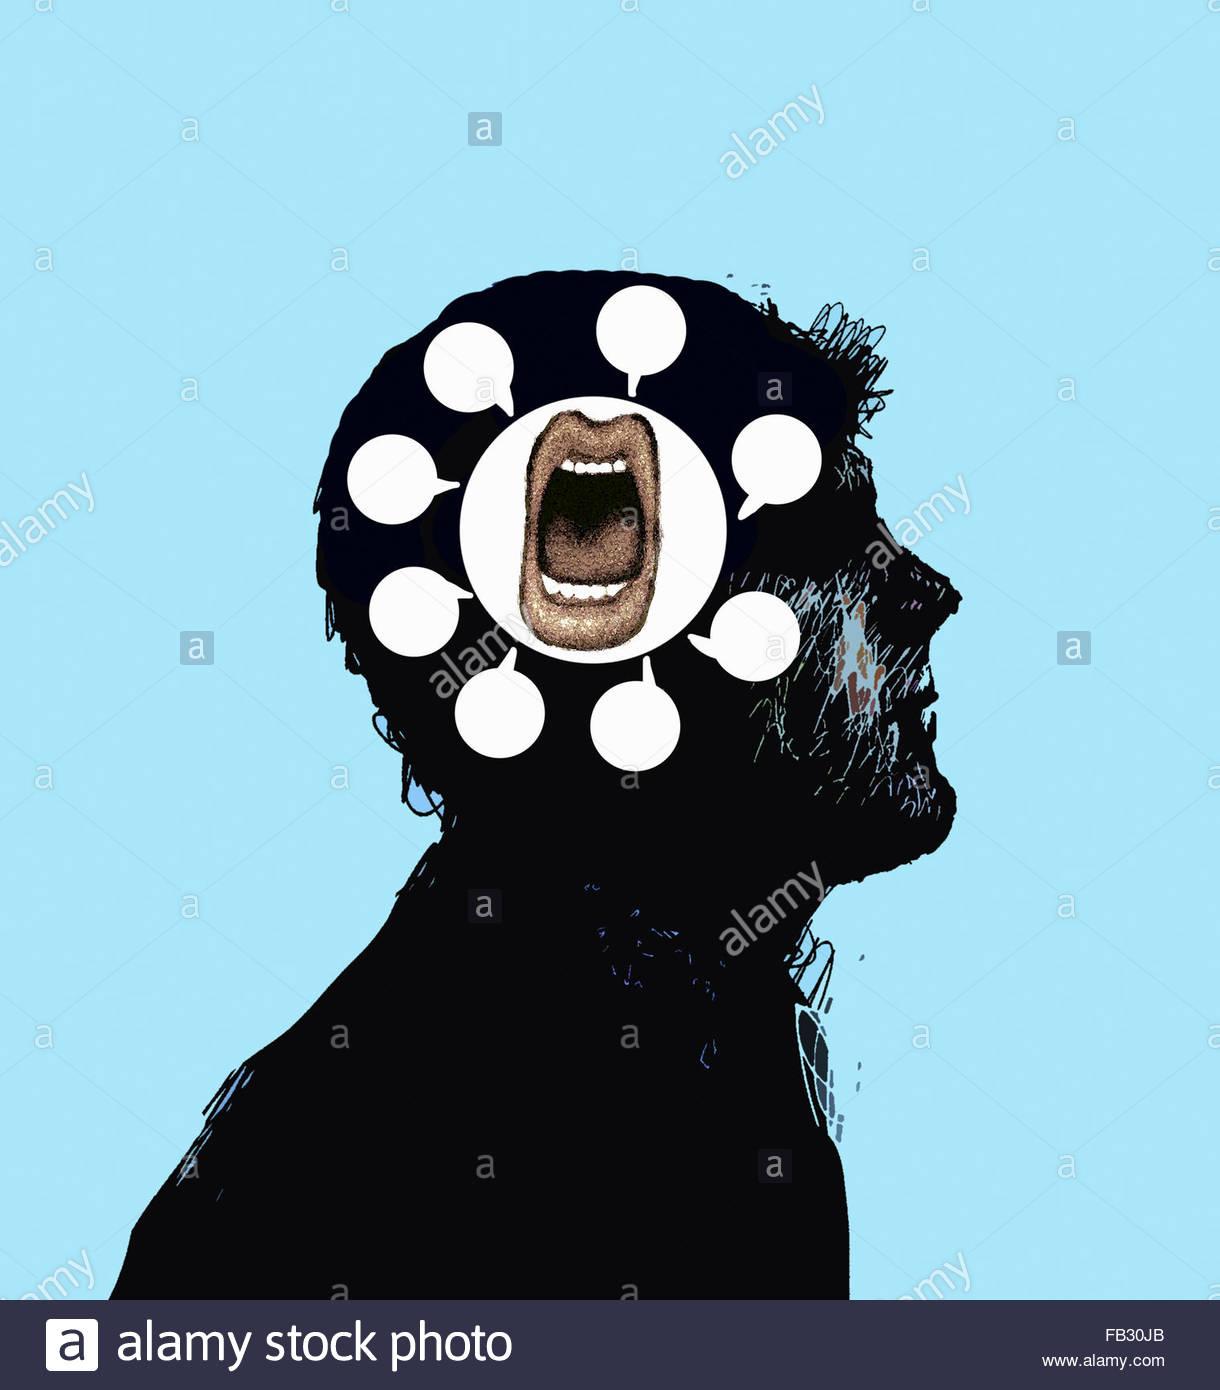 Offener Mund mit vielen Sprechblasen innerhalb Männerkopf im Gespräch Stockbild